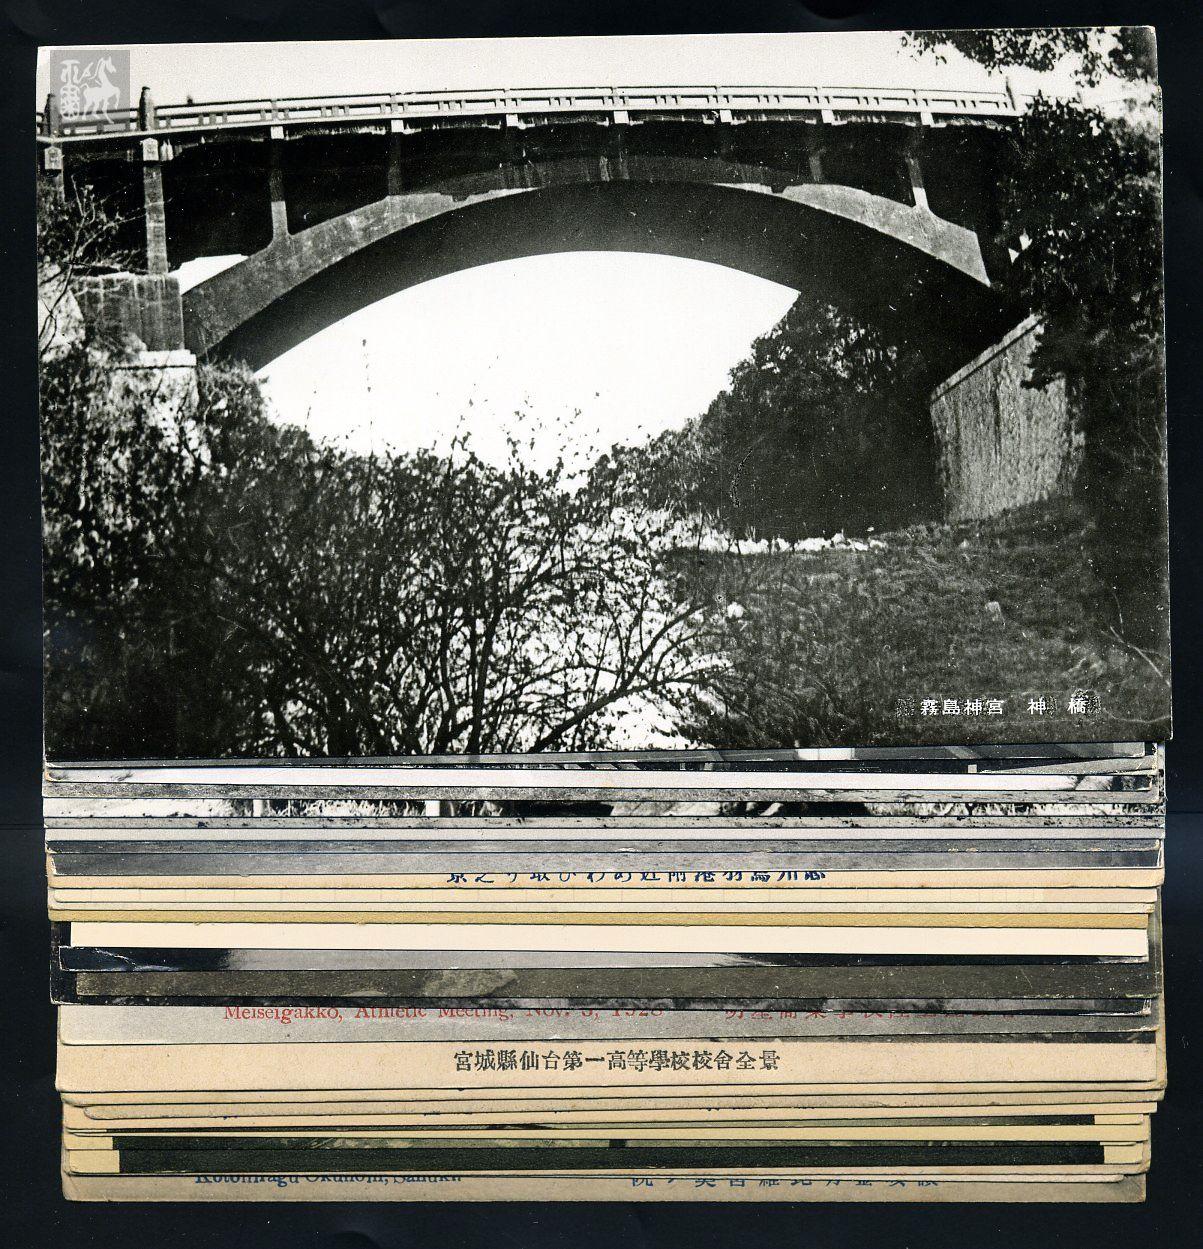 日本黑白风景明信片30枚无